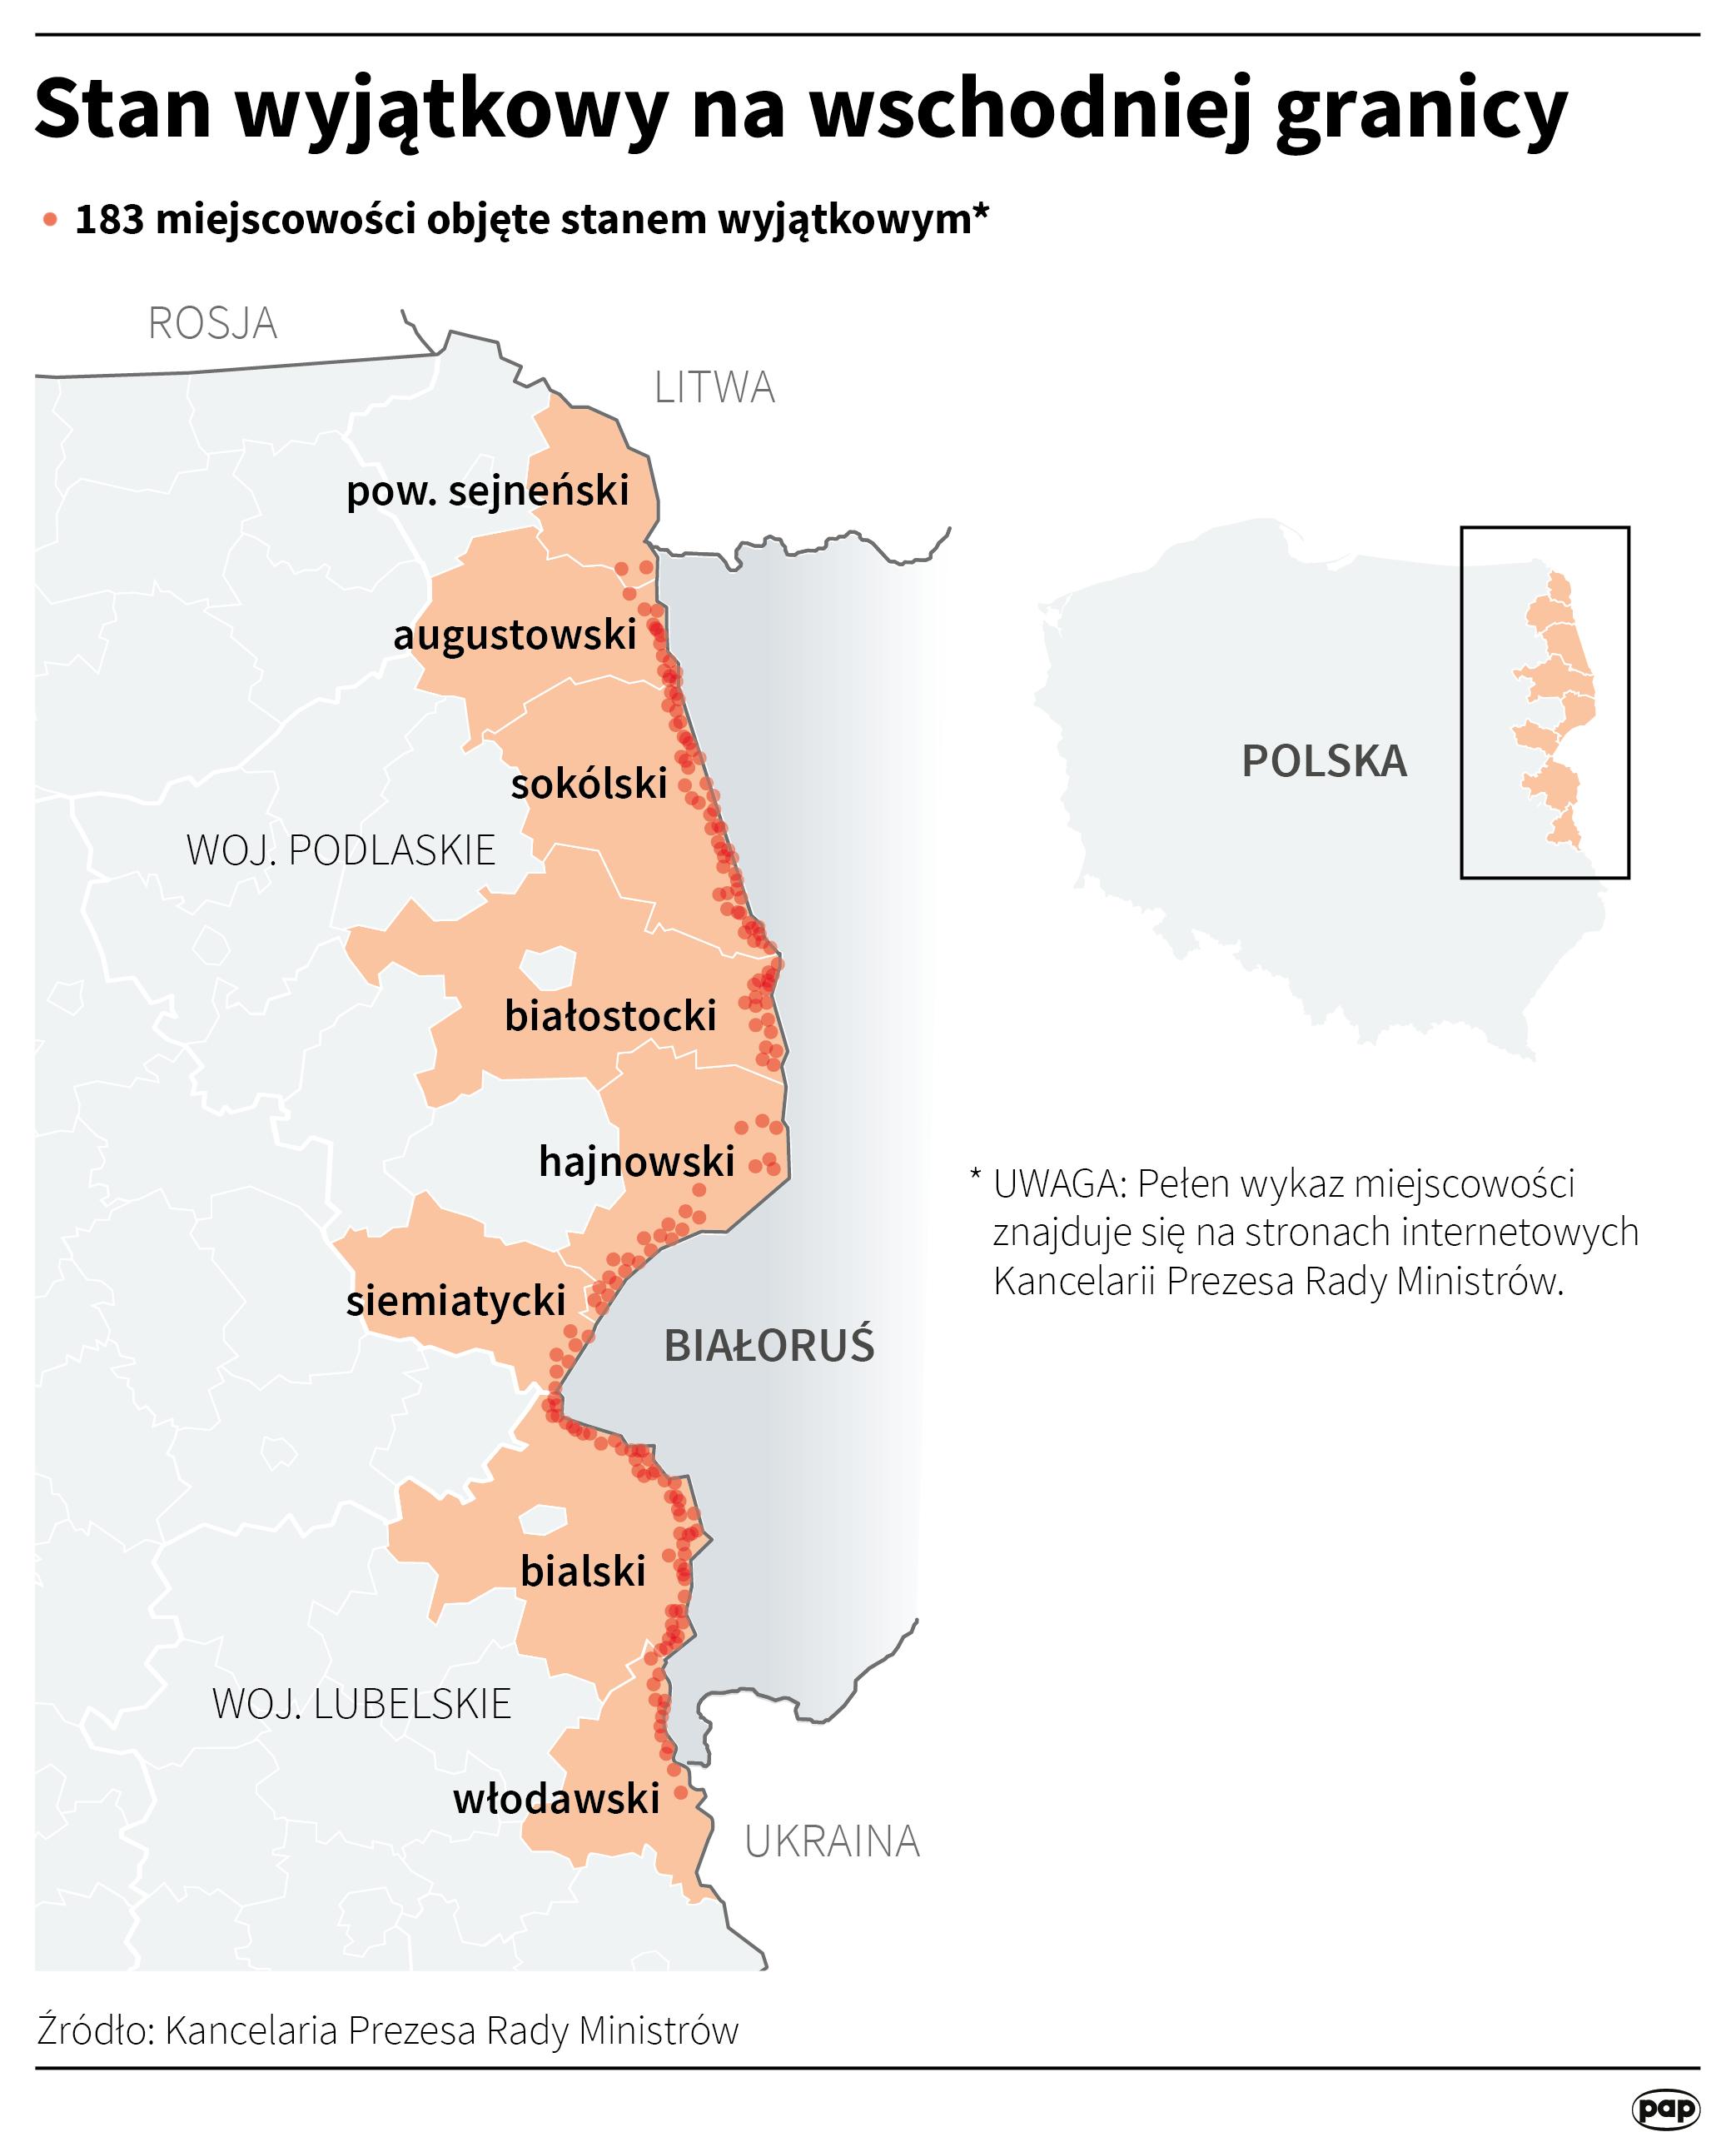 Prezydent Andrzej Duda podjął decyzję o wydaniu rozporządzenia o wprowadzeniu stanu wyjątkowego w przygranicznym pasie z Białorusią, czyli w części województw podlaskiego i lubelskiego. (PAP)